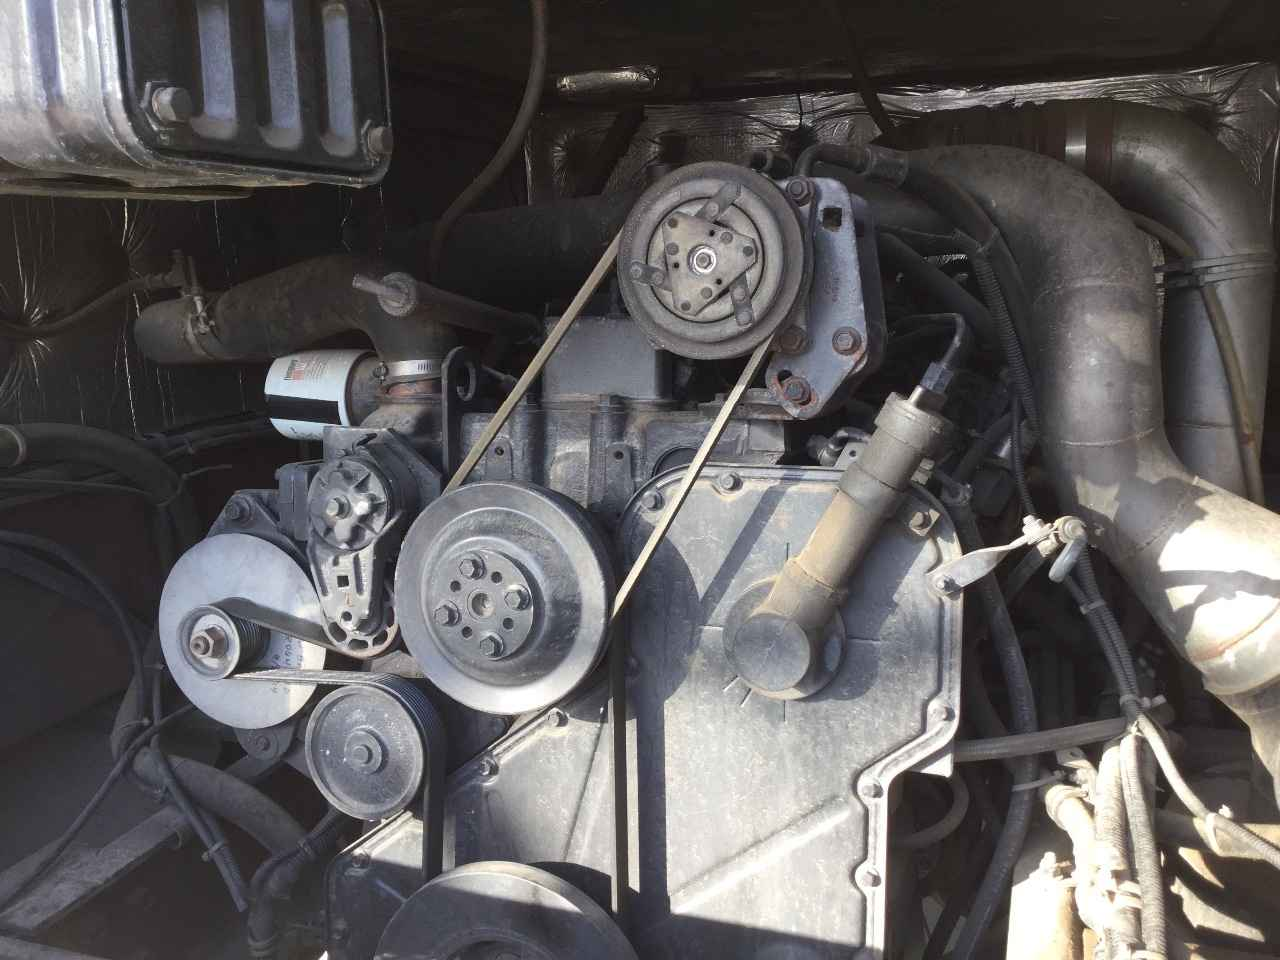 1995 Used Hawkins Motor Coach Hmc Class A In California Ca